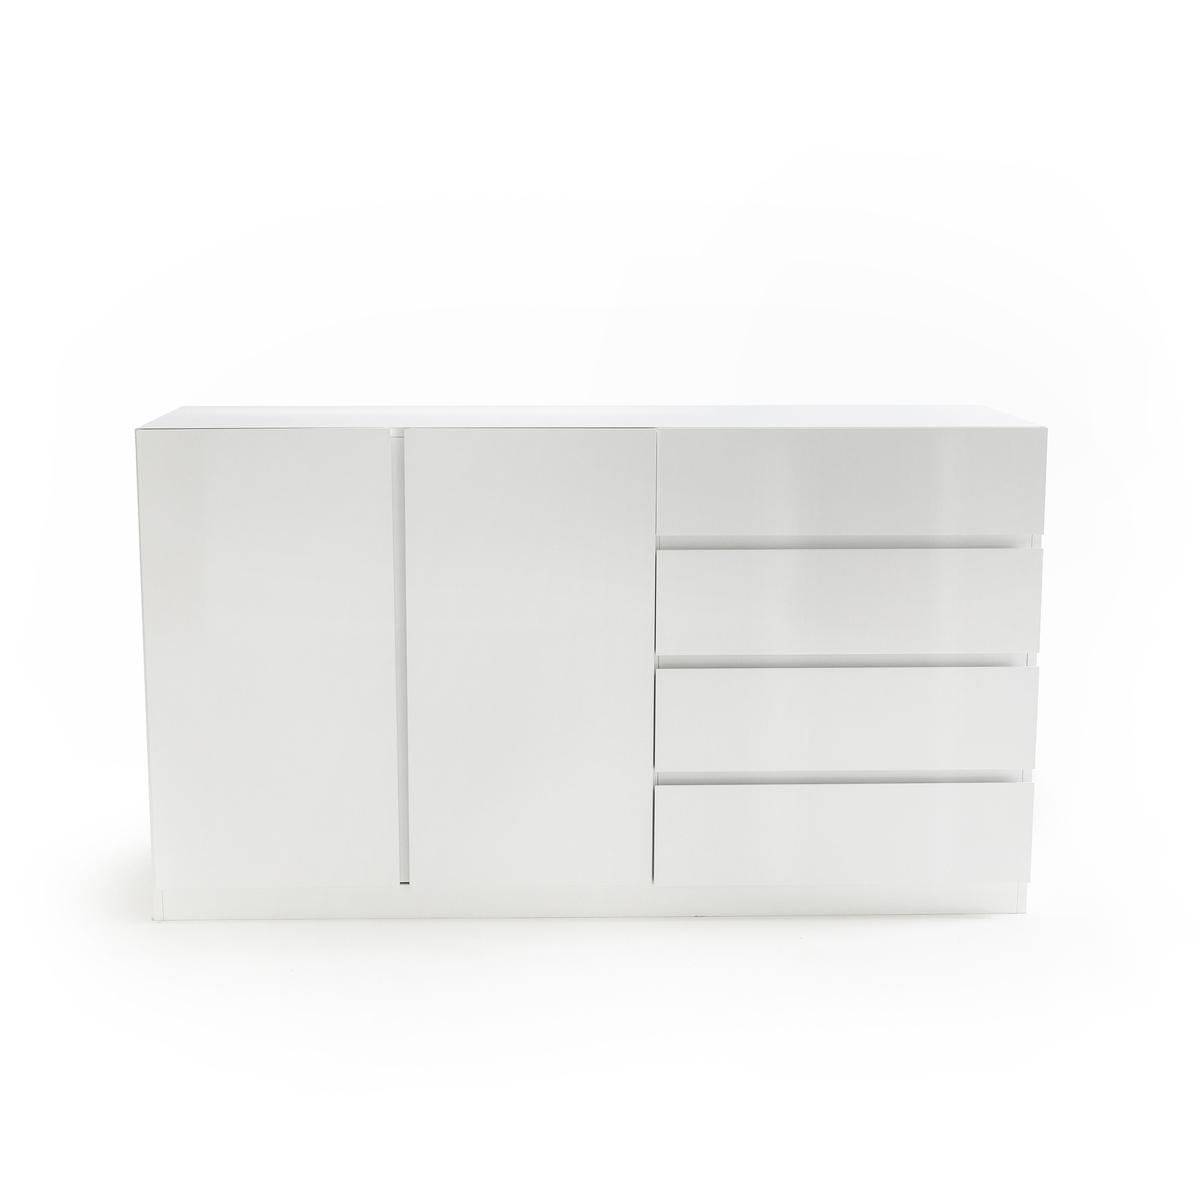 Шкаф LaRedoute Низкий с отделением для одежды с 2 дверцами и 4 ящиками LEO единый размер белый